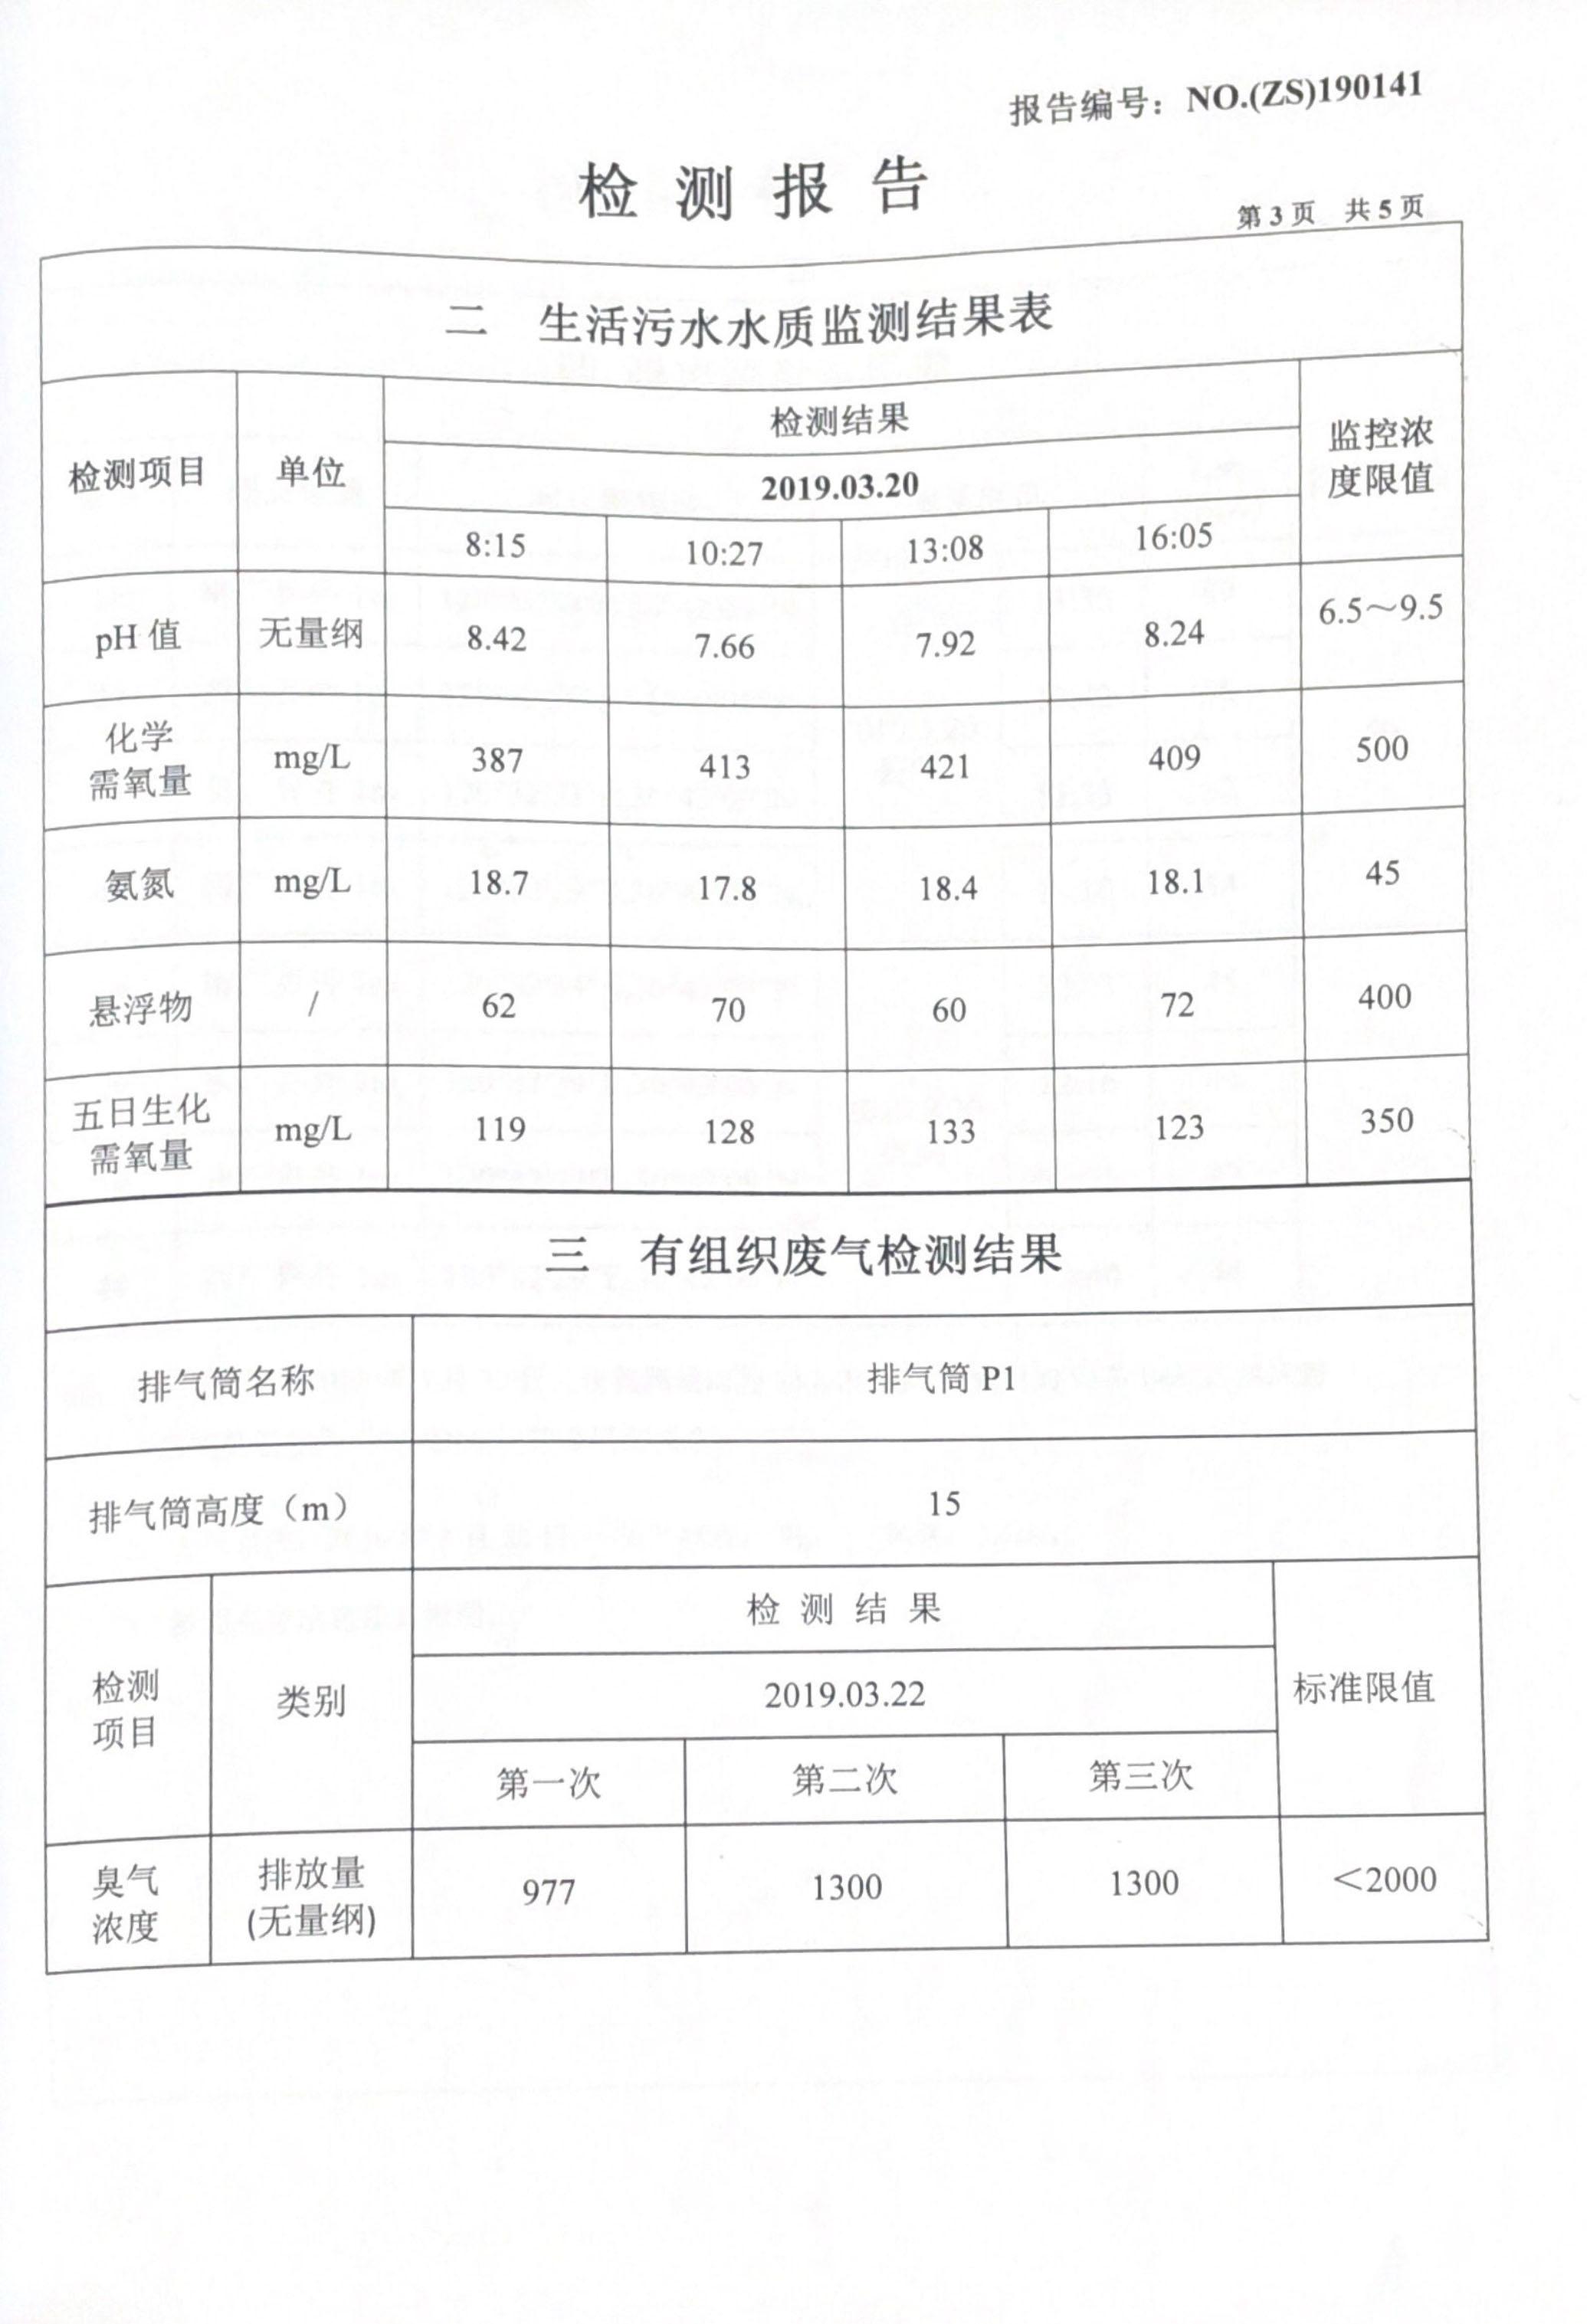 青岛海诺生物工程有限公司自行检测报告-5